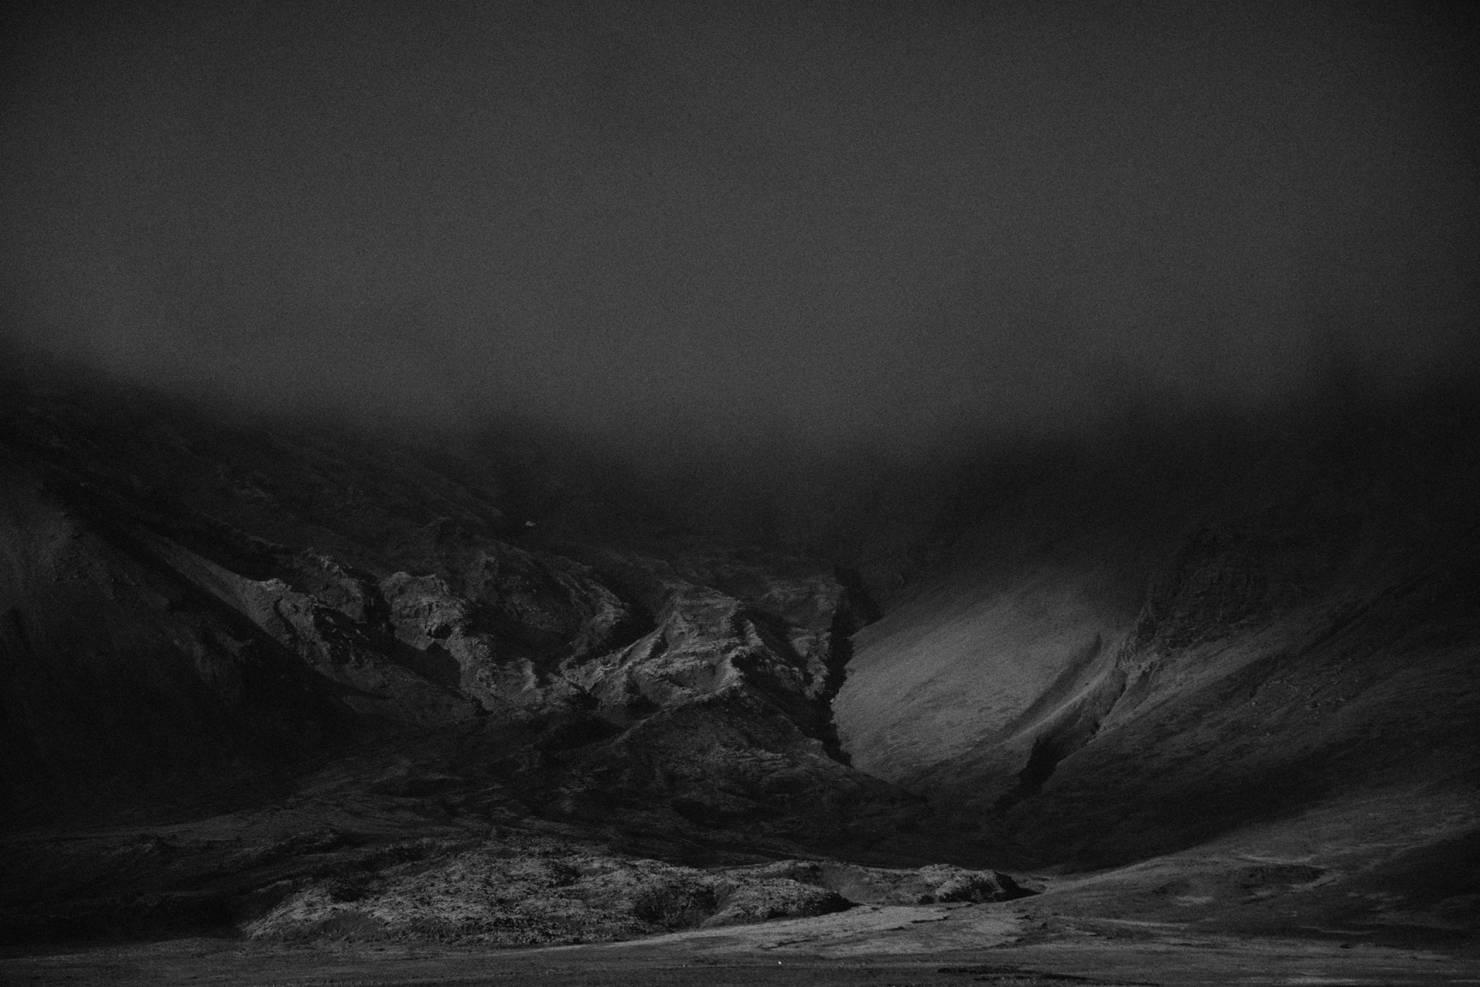 patrick_schuttler_landscape_iceland_006-582724938da1af8a413d319fd9f7c295